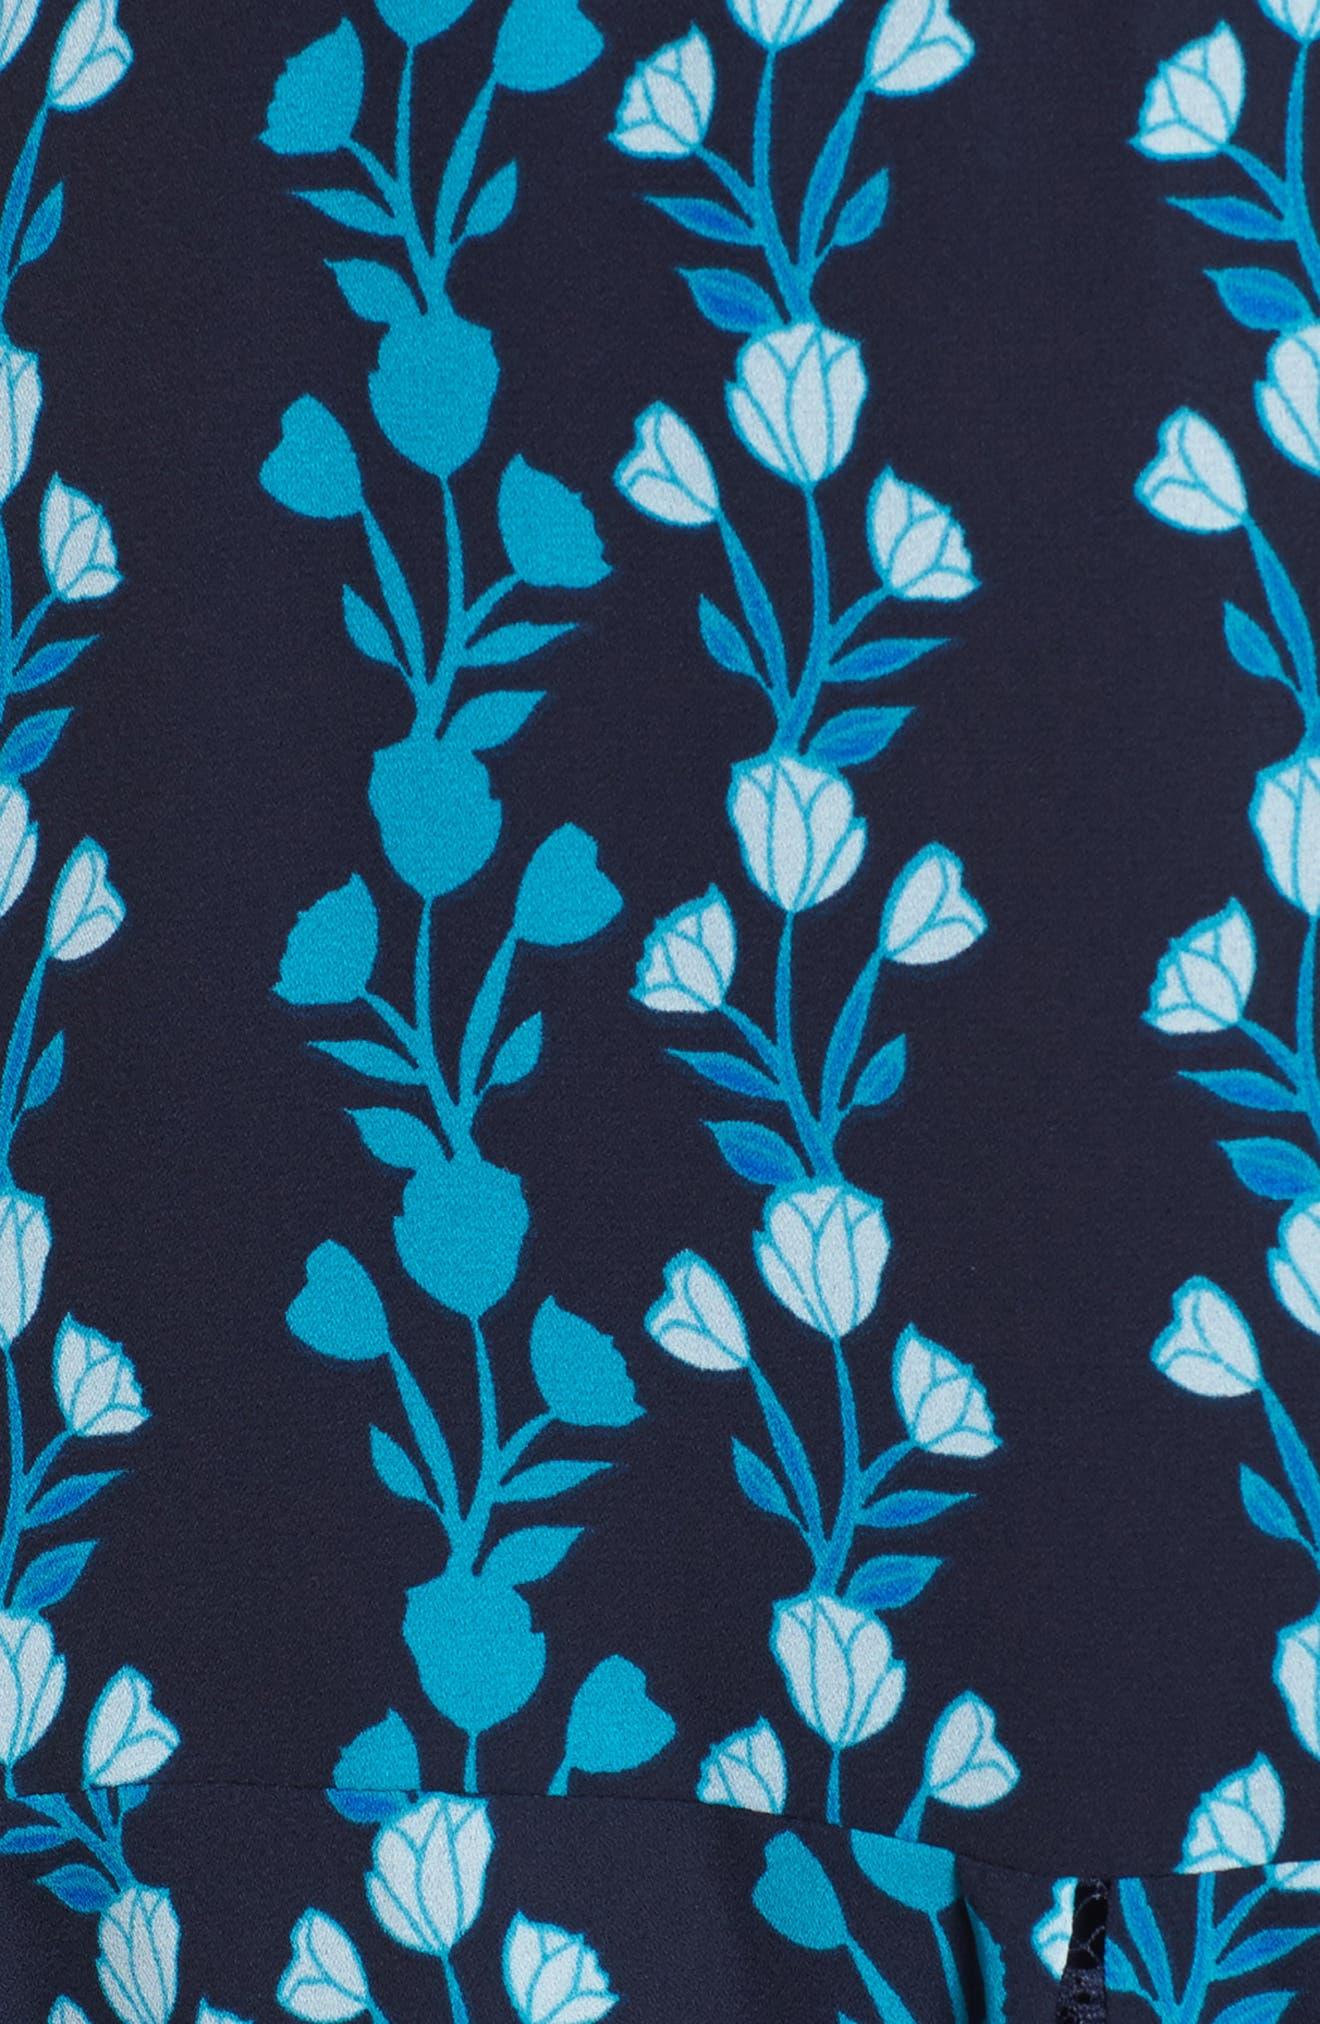 Meadow Vines Lace Dress,                             Alternate thumbnail 5, color,